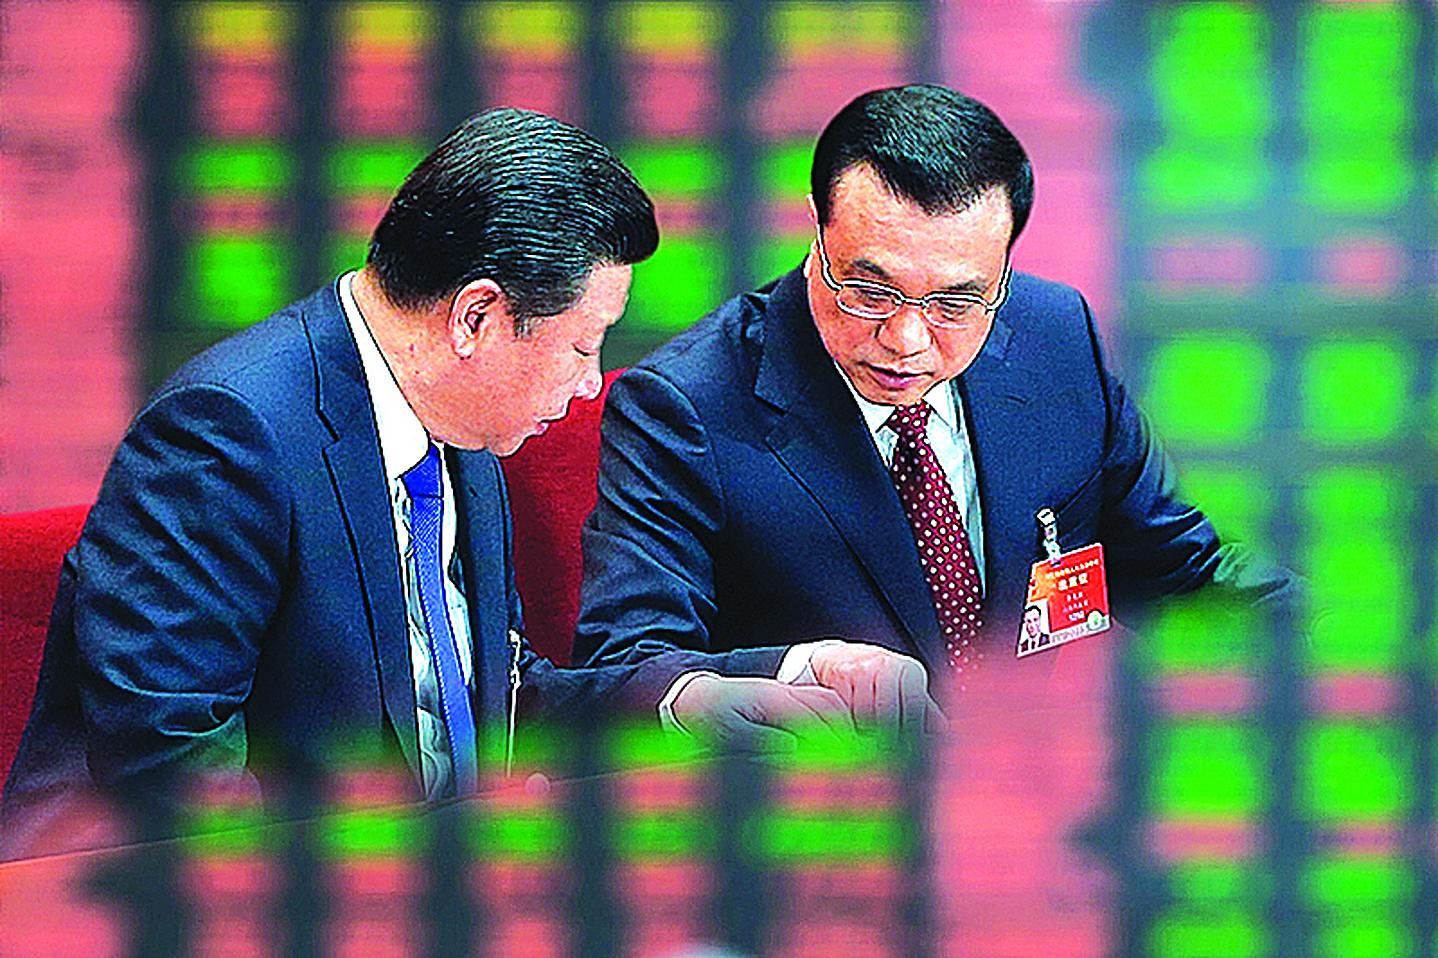 習近平和李克強正在整頓中國金融市場,對像是能夠藉用權力槓桿,在資本市場上翻雲覆雨的資本大鱷。(大紀元合成圖片)